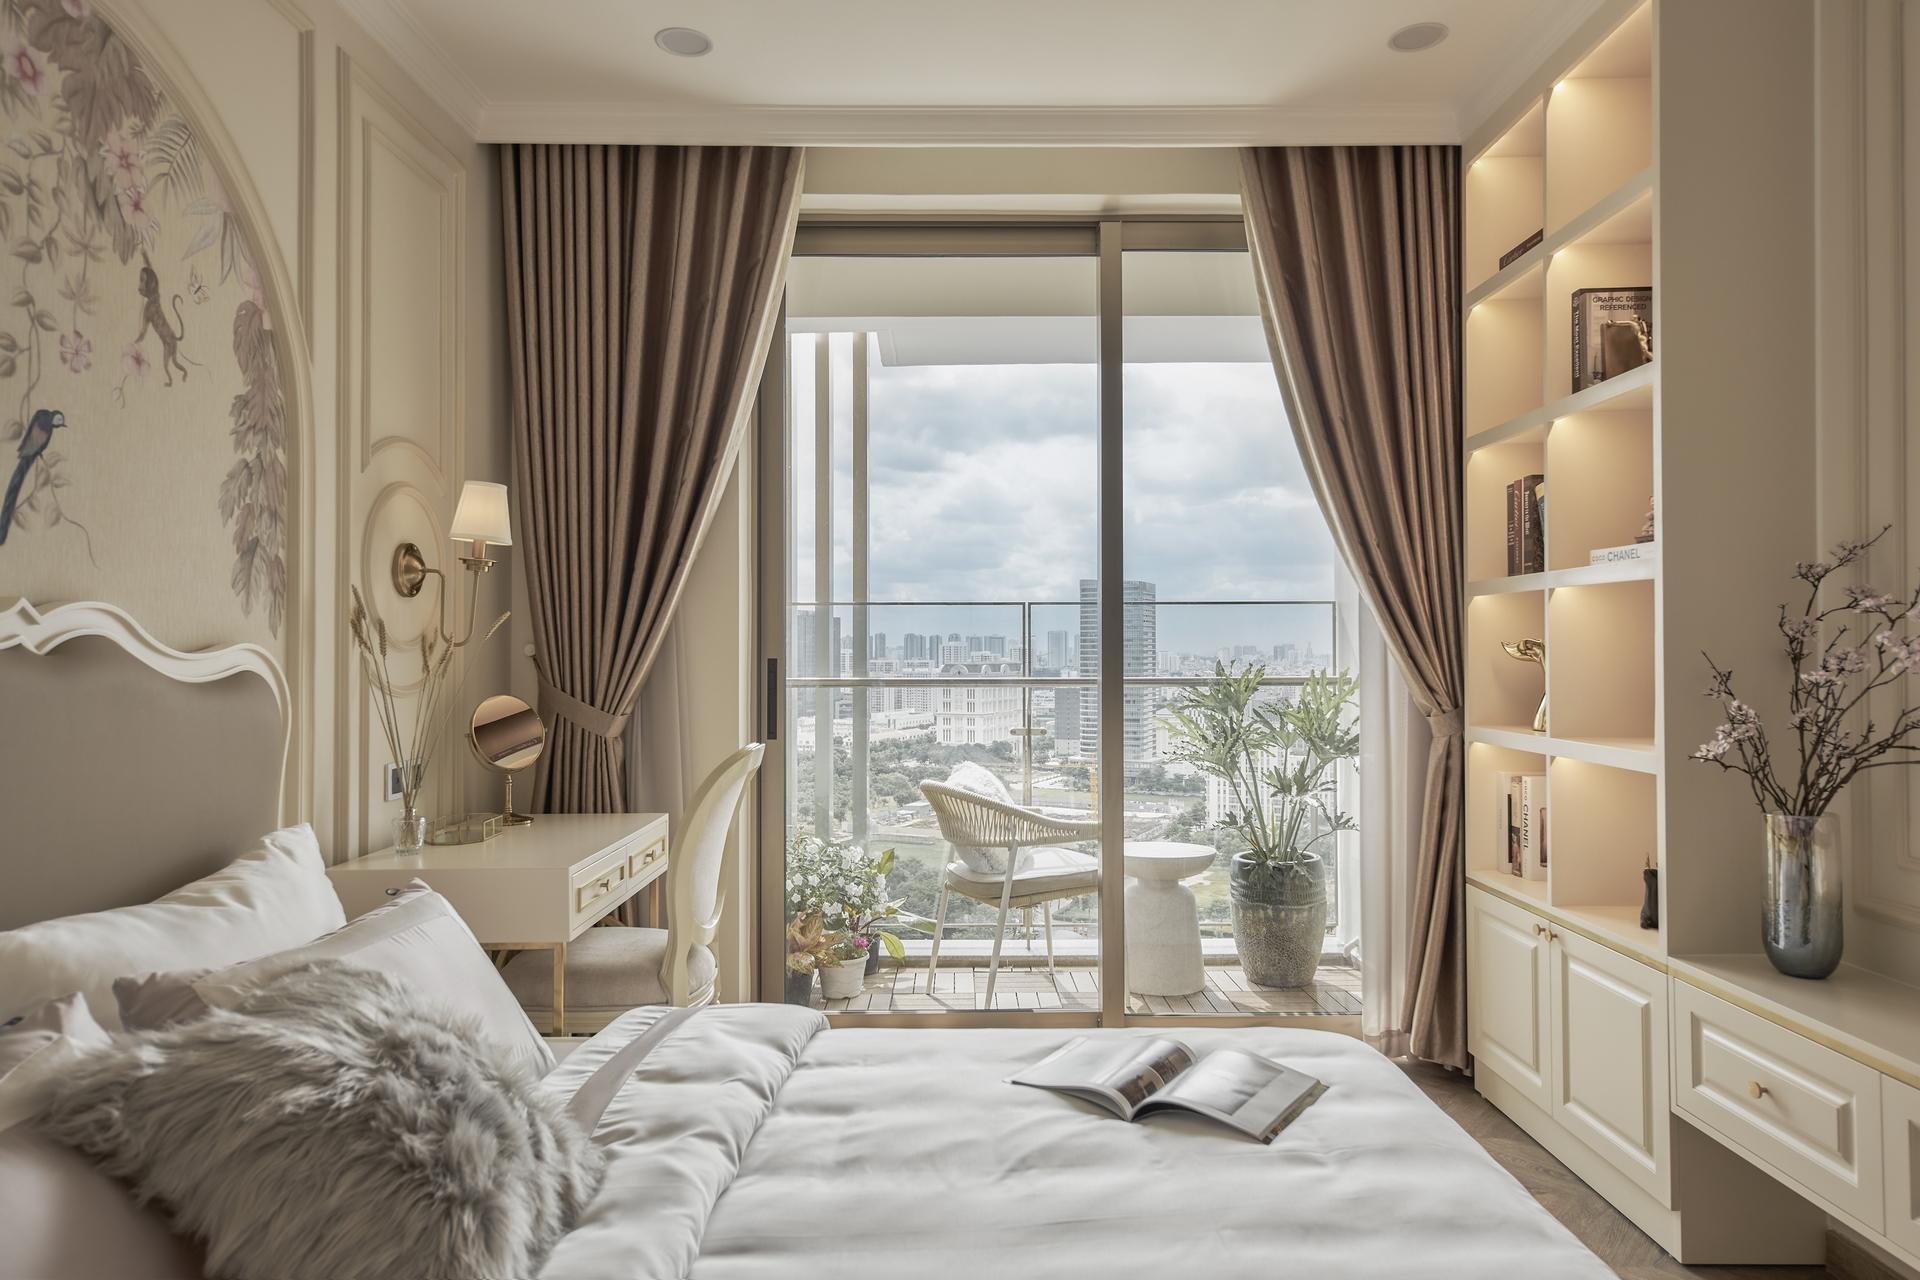 Cân bằng giữa công năng - thẩm mỹ là yếu tố mà căn hộ mang phong cách Eclectic áp dụng. (Ảnh: căn hộ tại dự án The Peak)